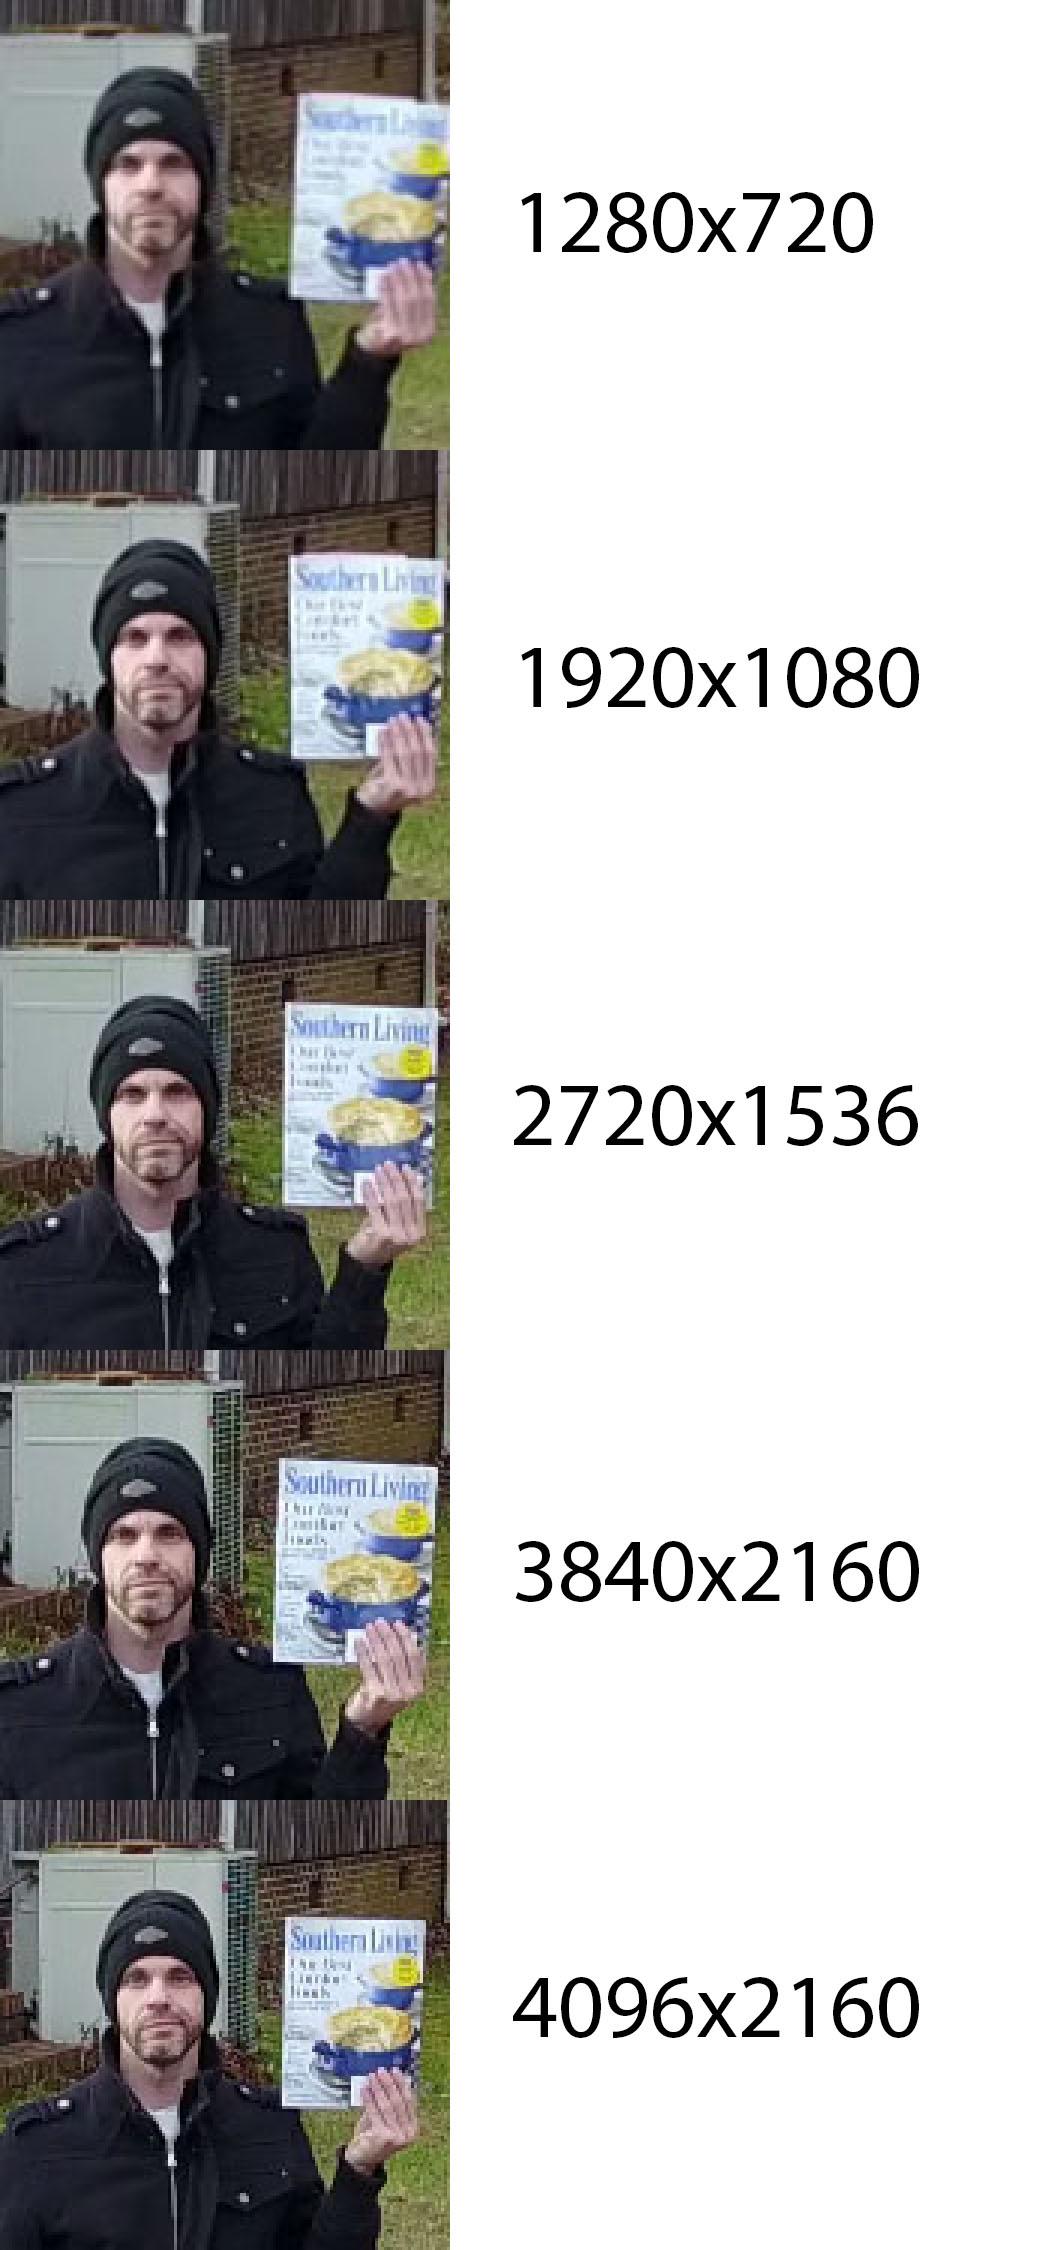 3x Scale Comparison